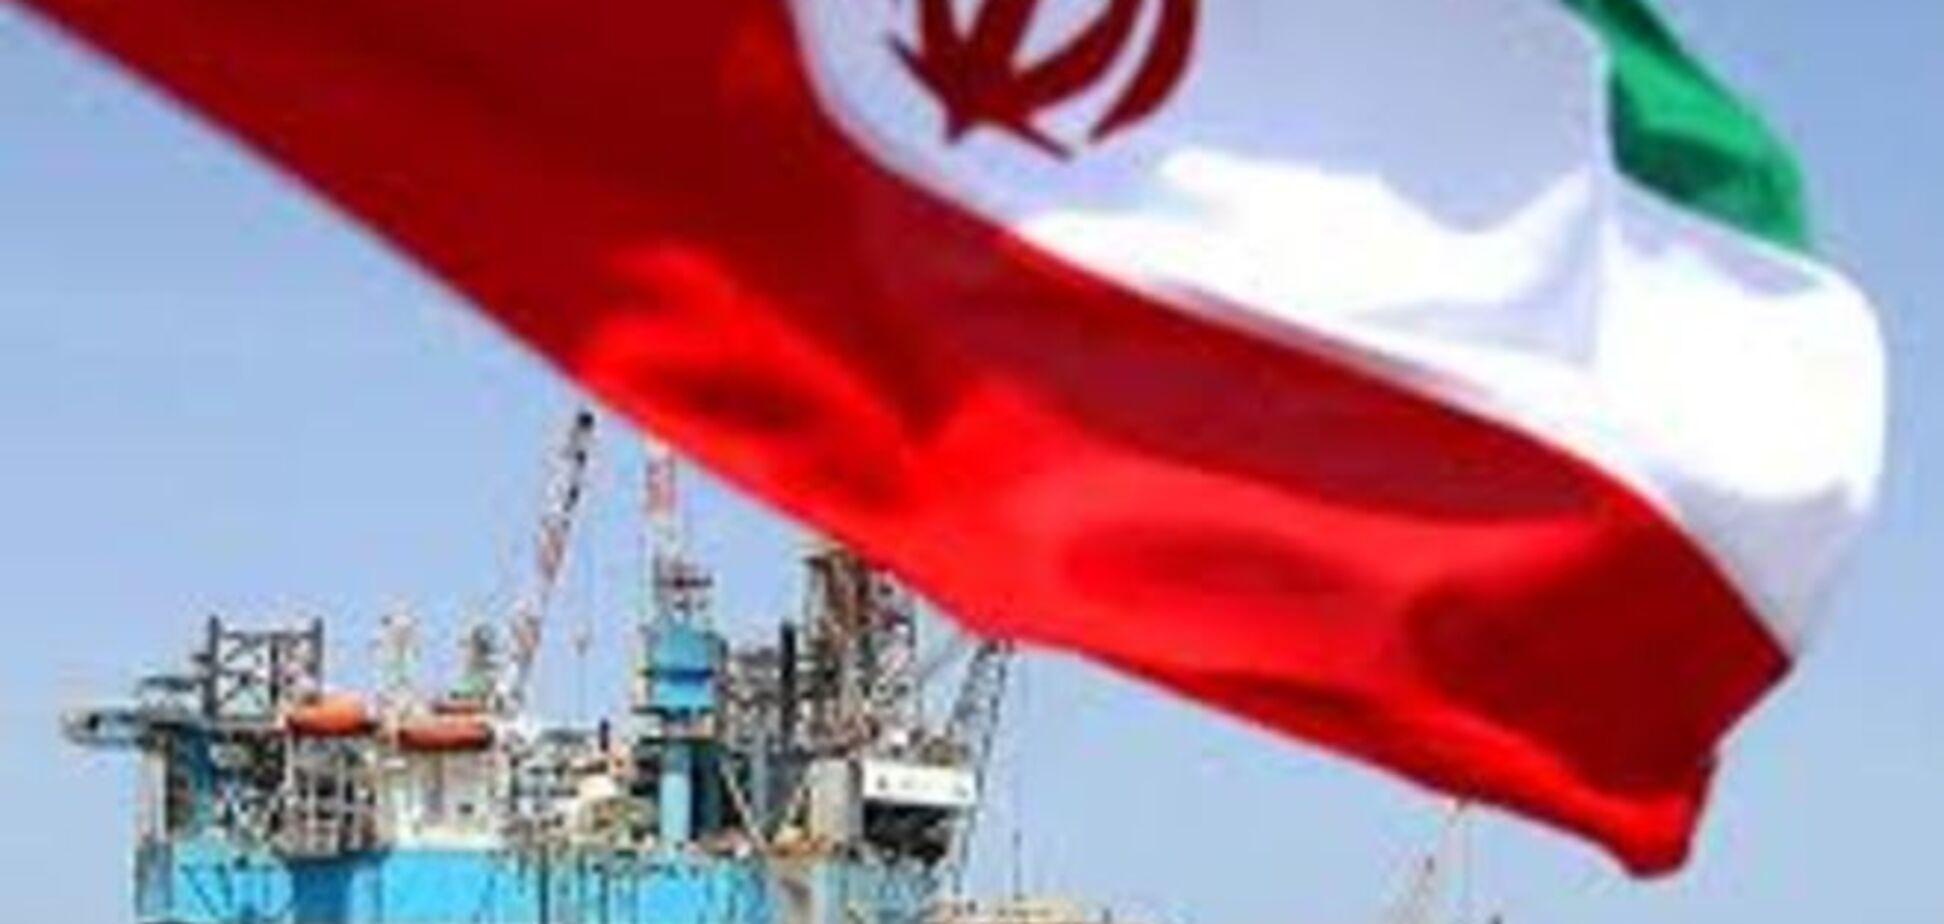 Падіння нафти: Іран виставить на тендер близько 50 нафтогазових об'єктів